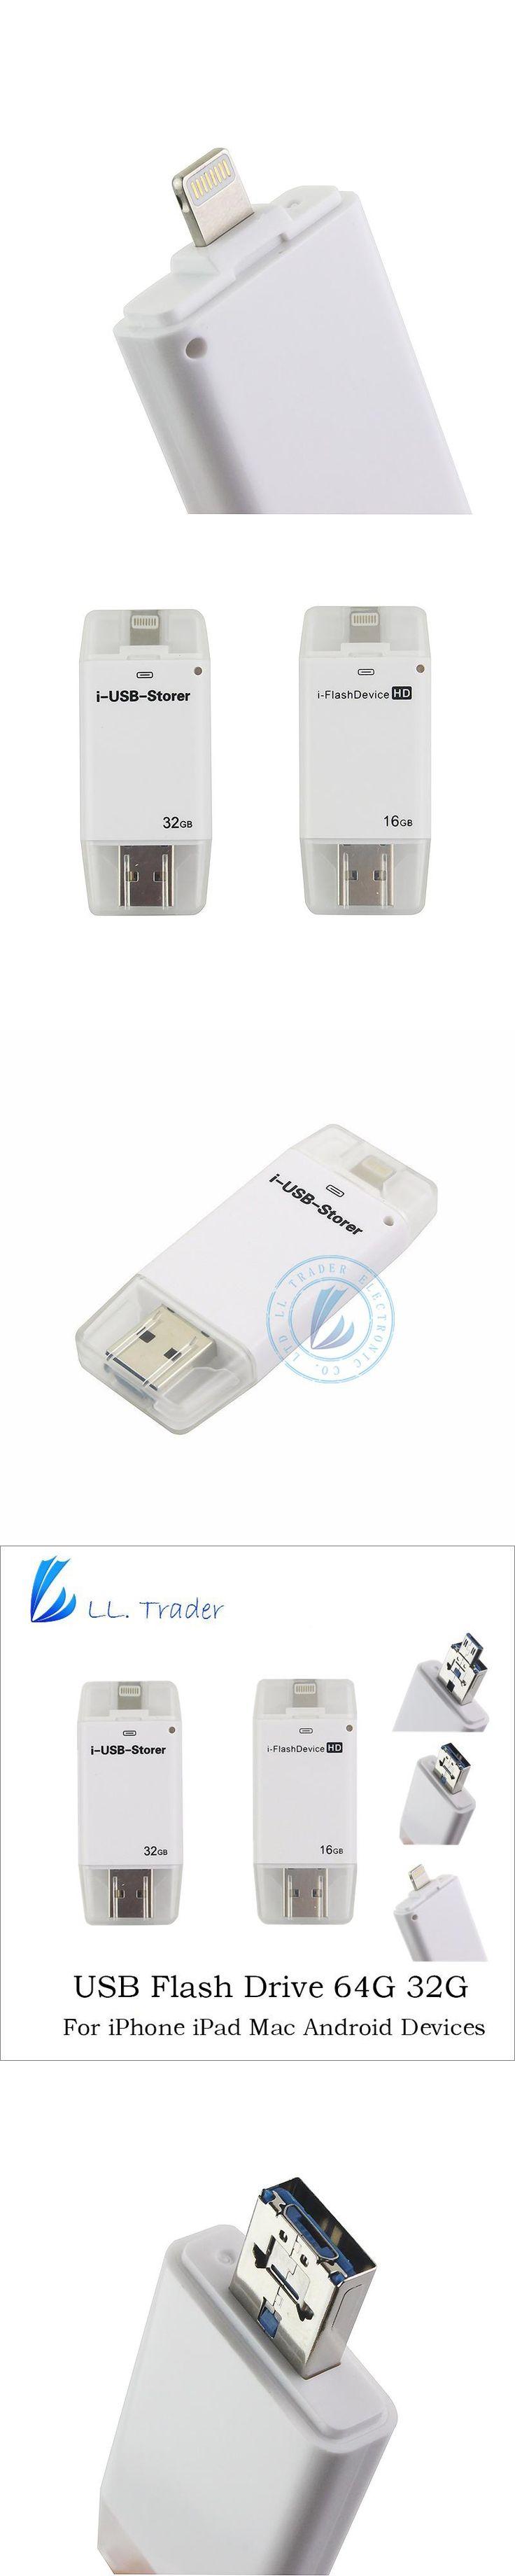 LL TRADER 64GB 32GB 16GB Mini iOS OTG USB i-Flash Drive For iPhone iPad Android PC Flash Drive Storage Pendrive Memory USB Stick